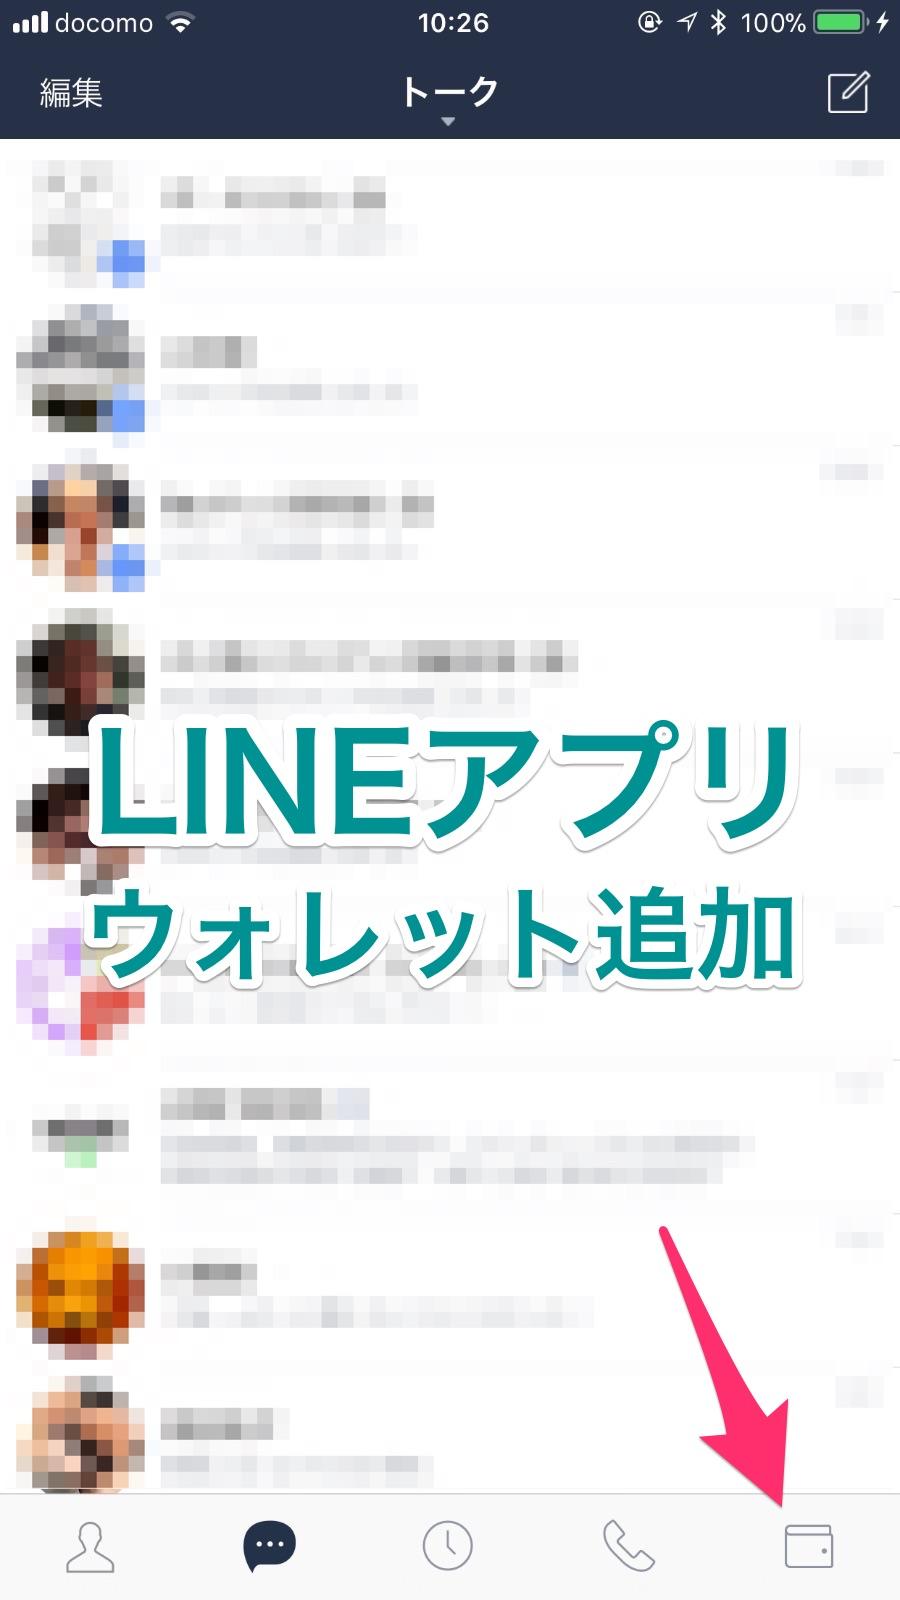 【LINE】アプリ内にLINE Payやコード支払いにアクセスする「LINEウォレット」タブに追加